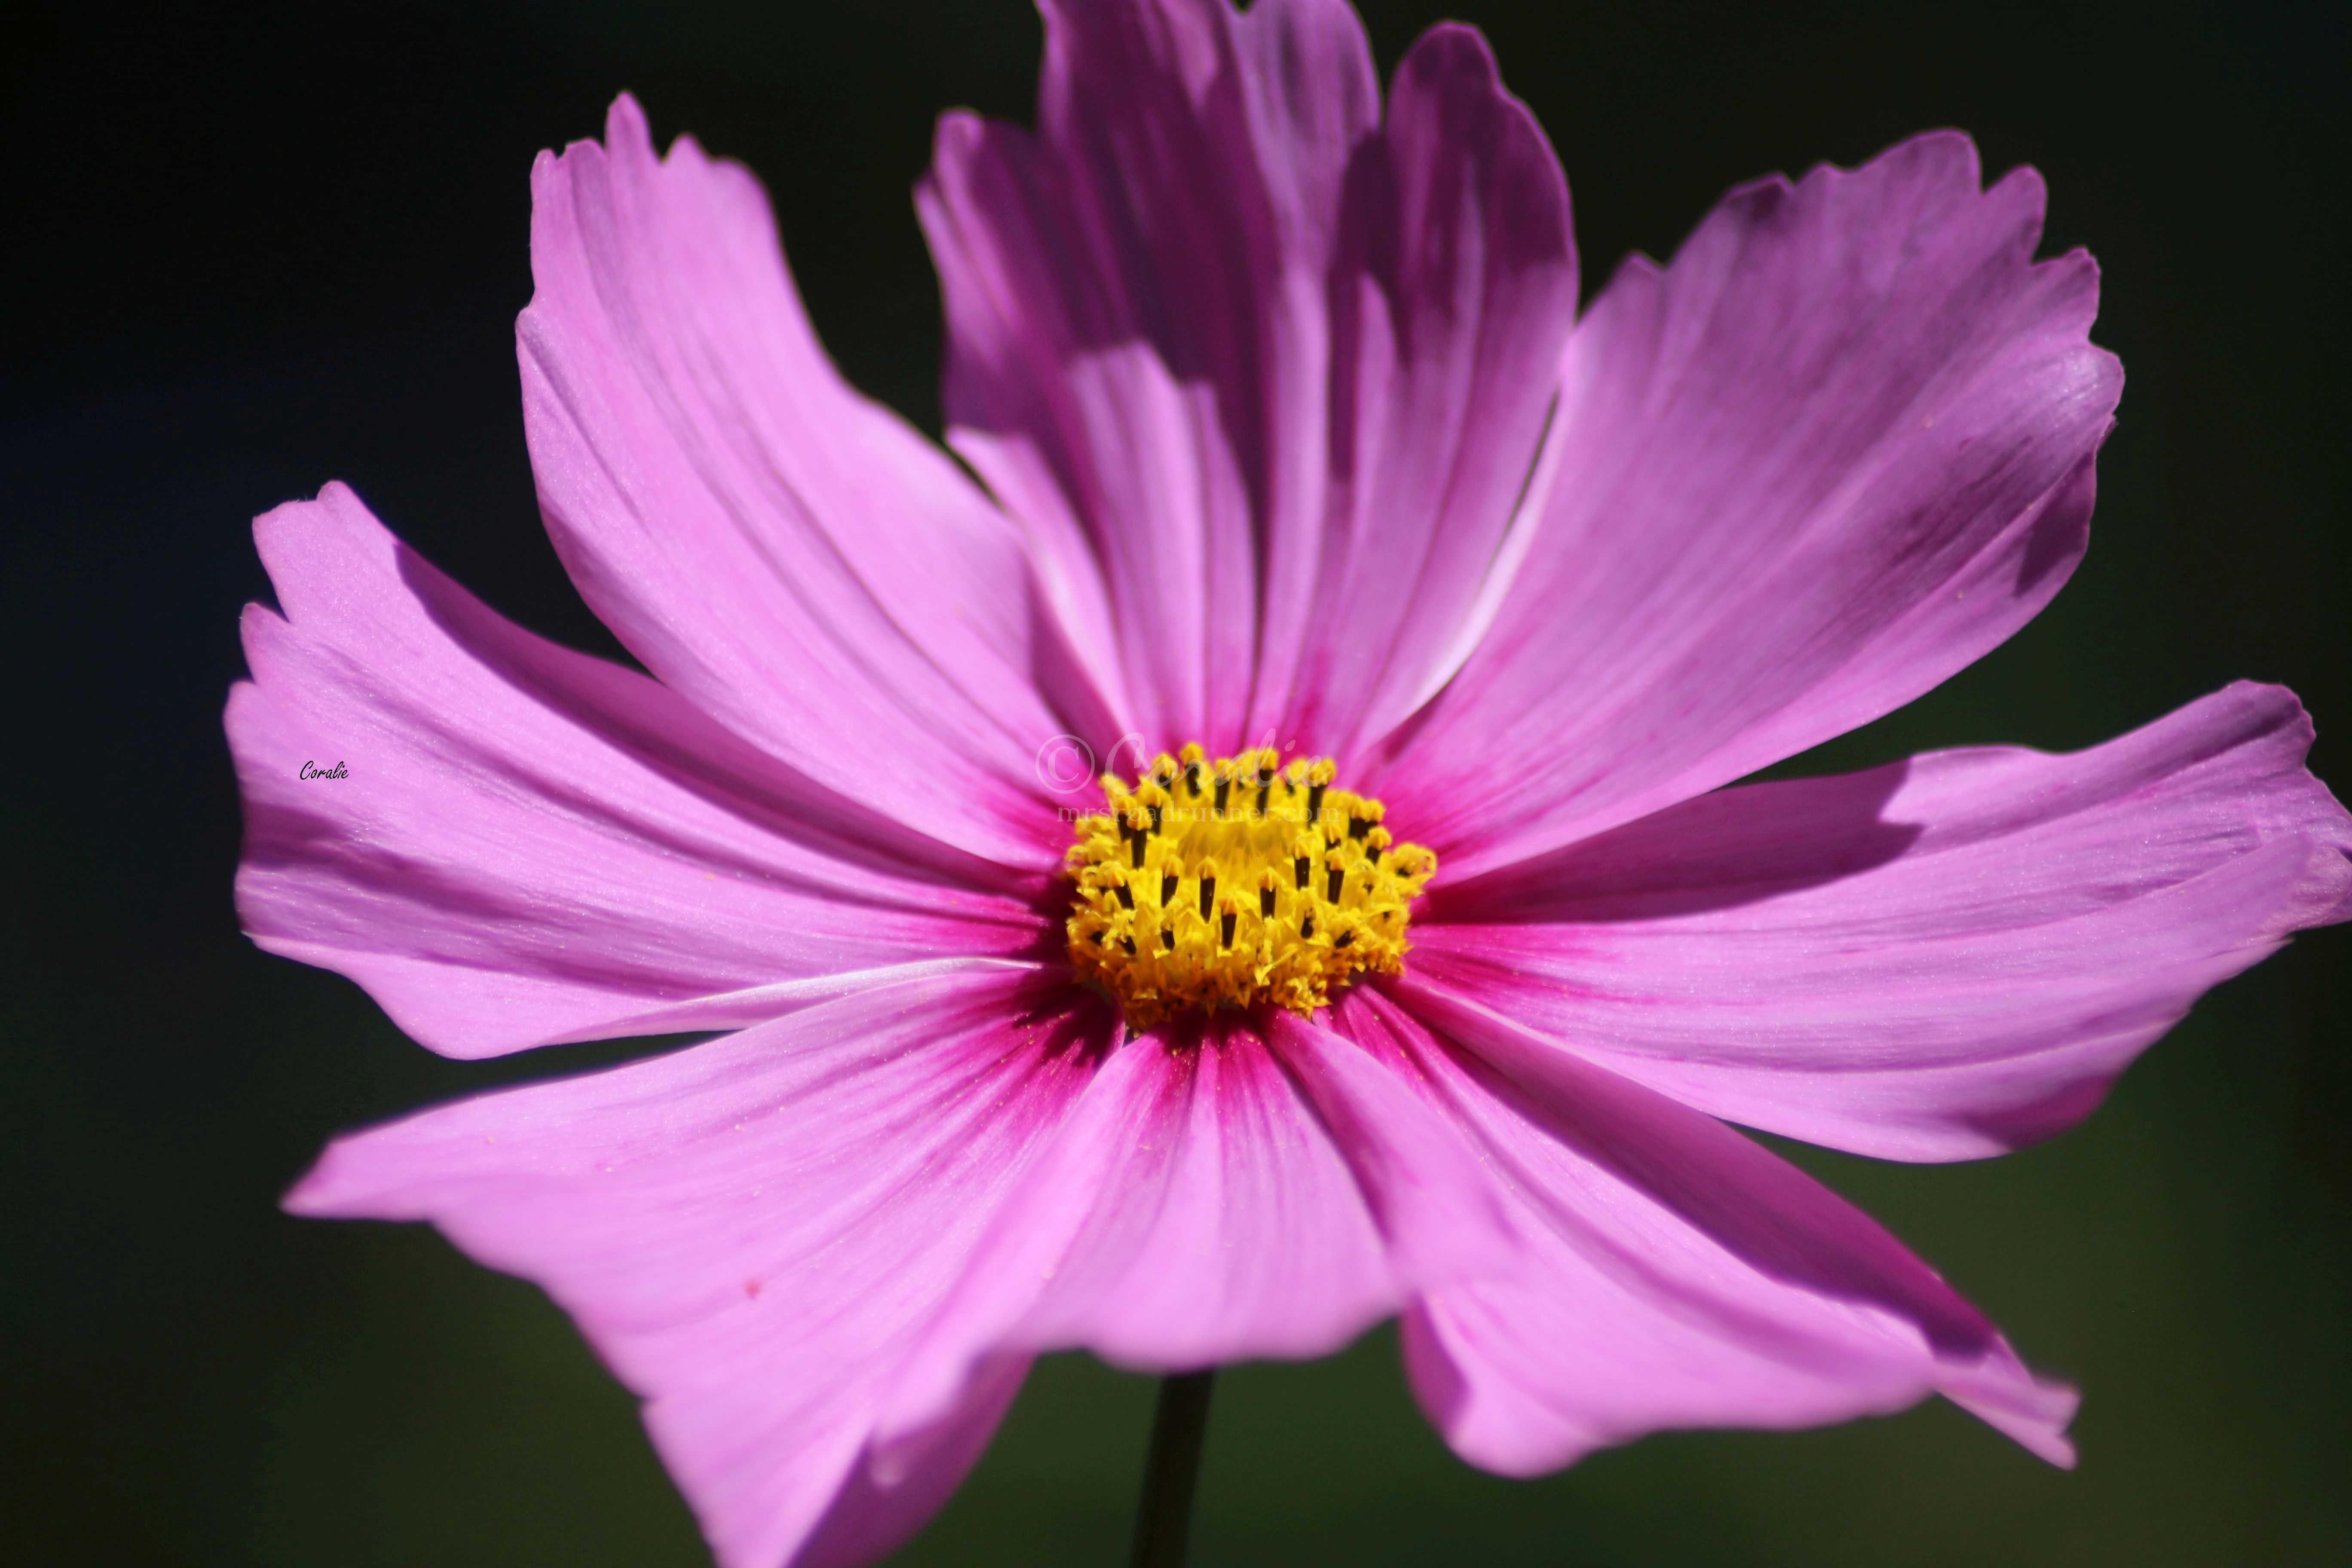 Cosmos Flower Bloom 033